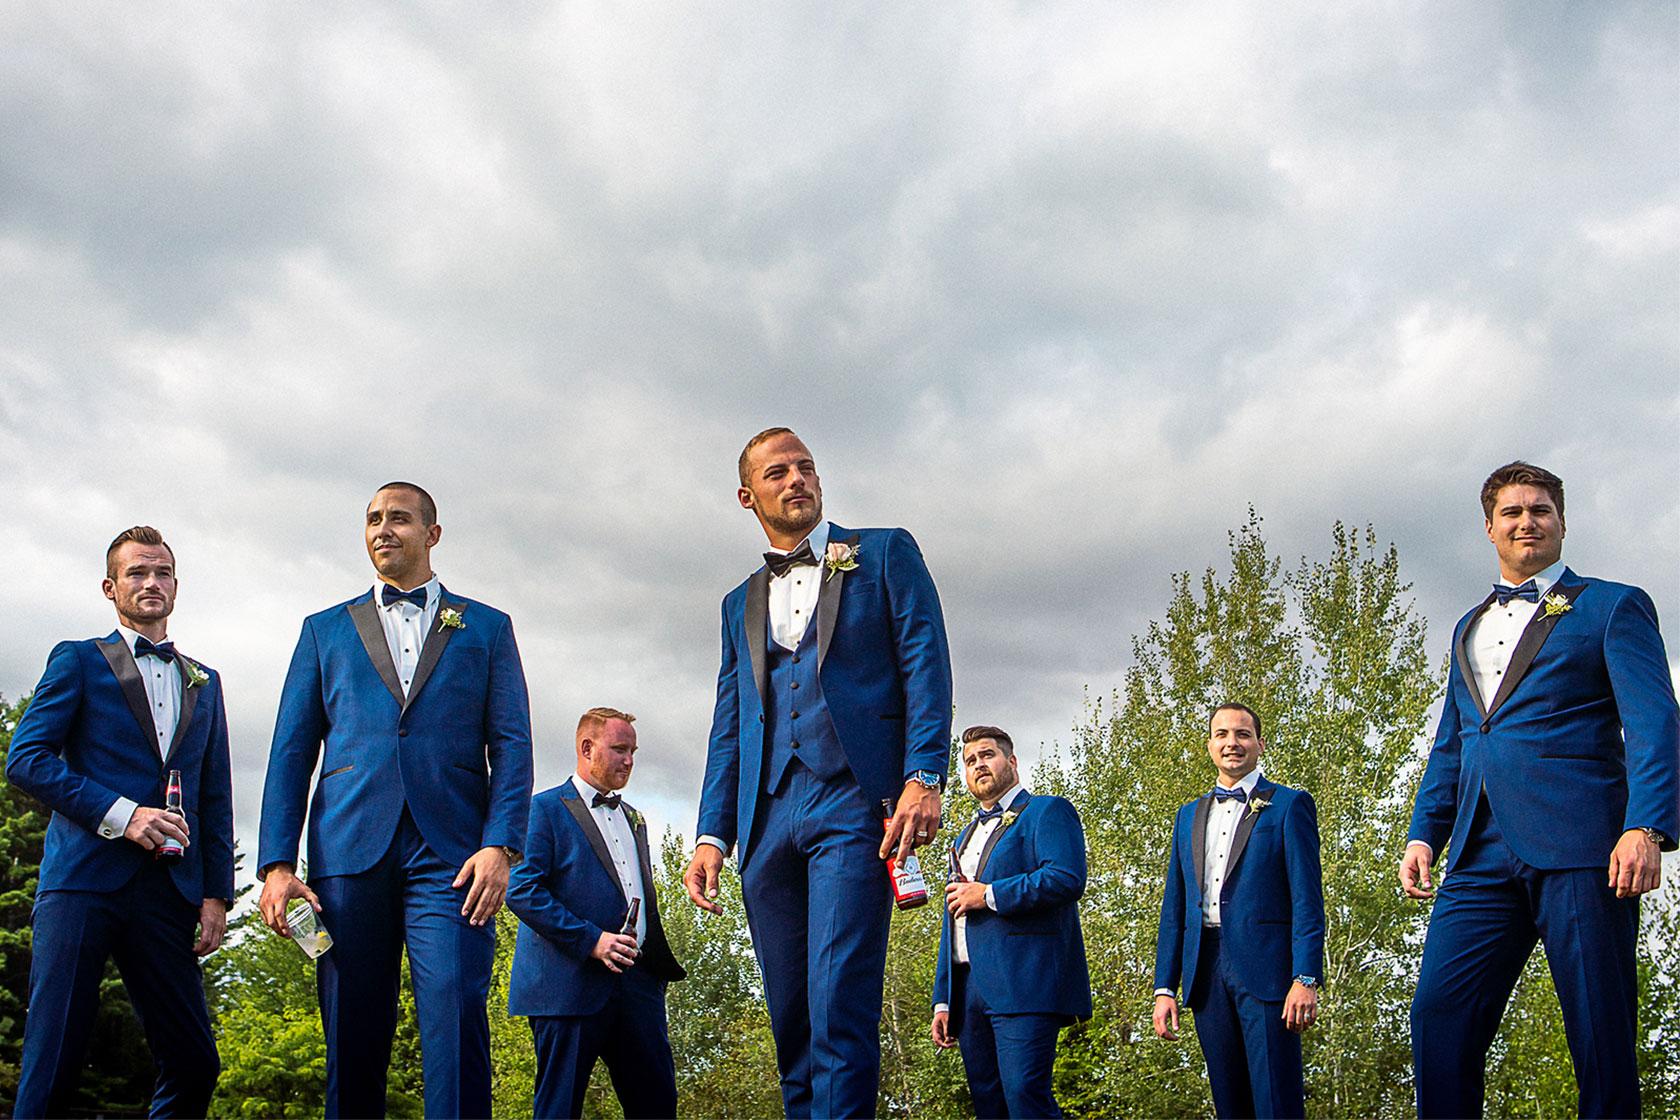 Danylo-Bobyk-Wedding-Photography-Stacey-Kenneth-01